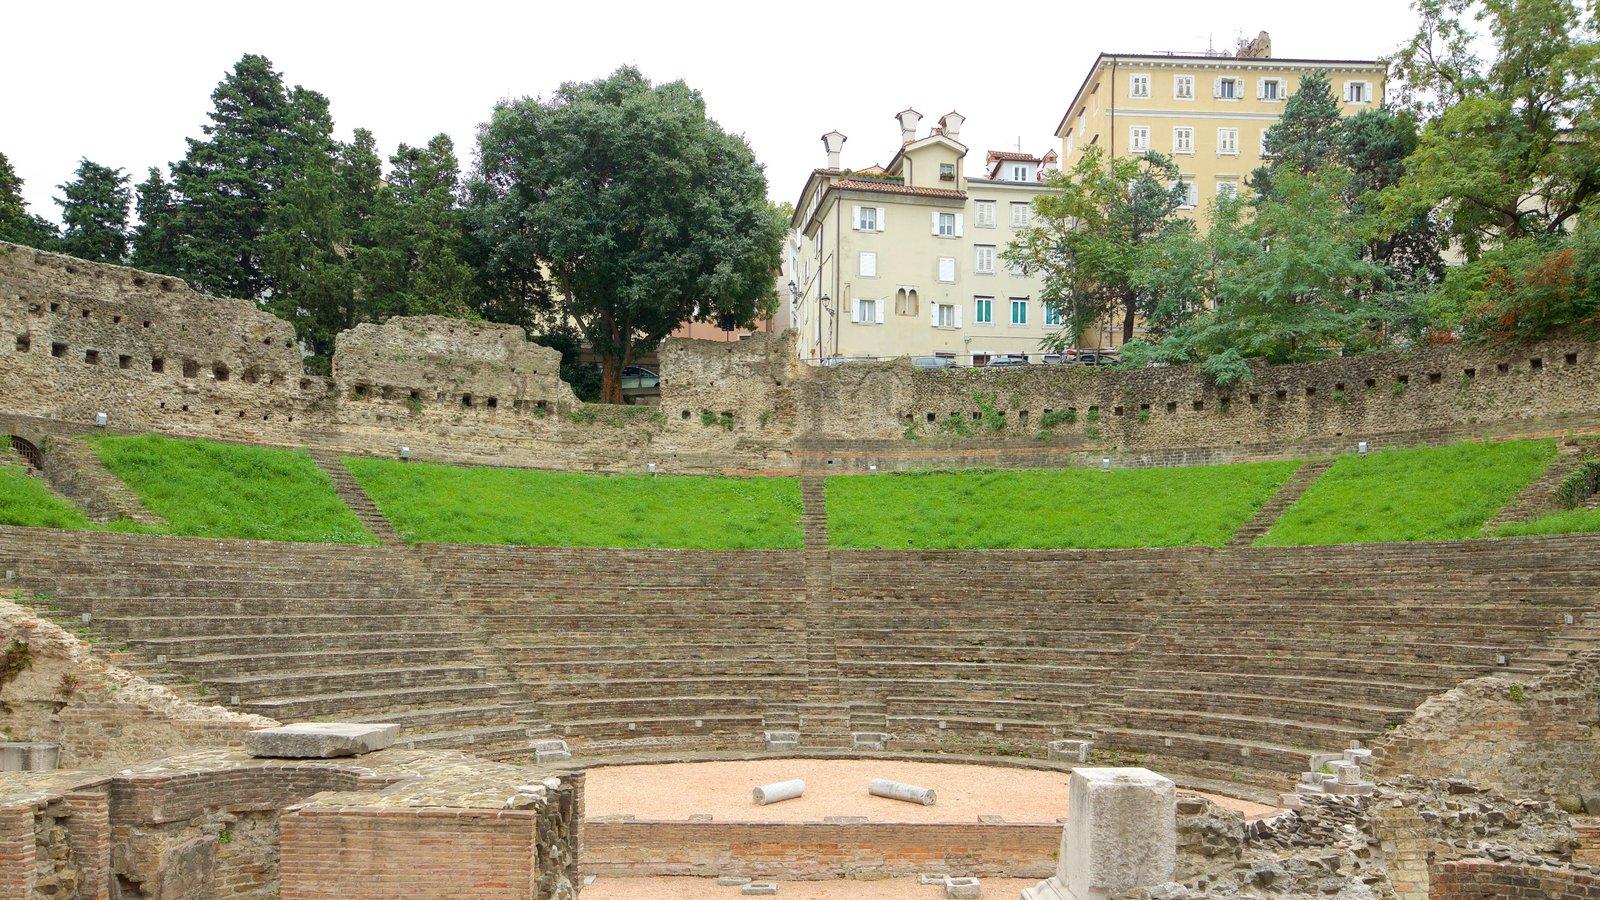 Roman Theatre featuring a ruin